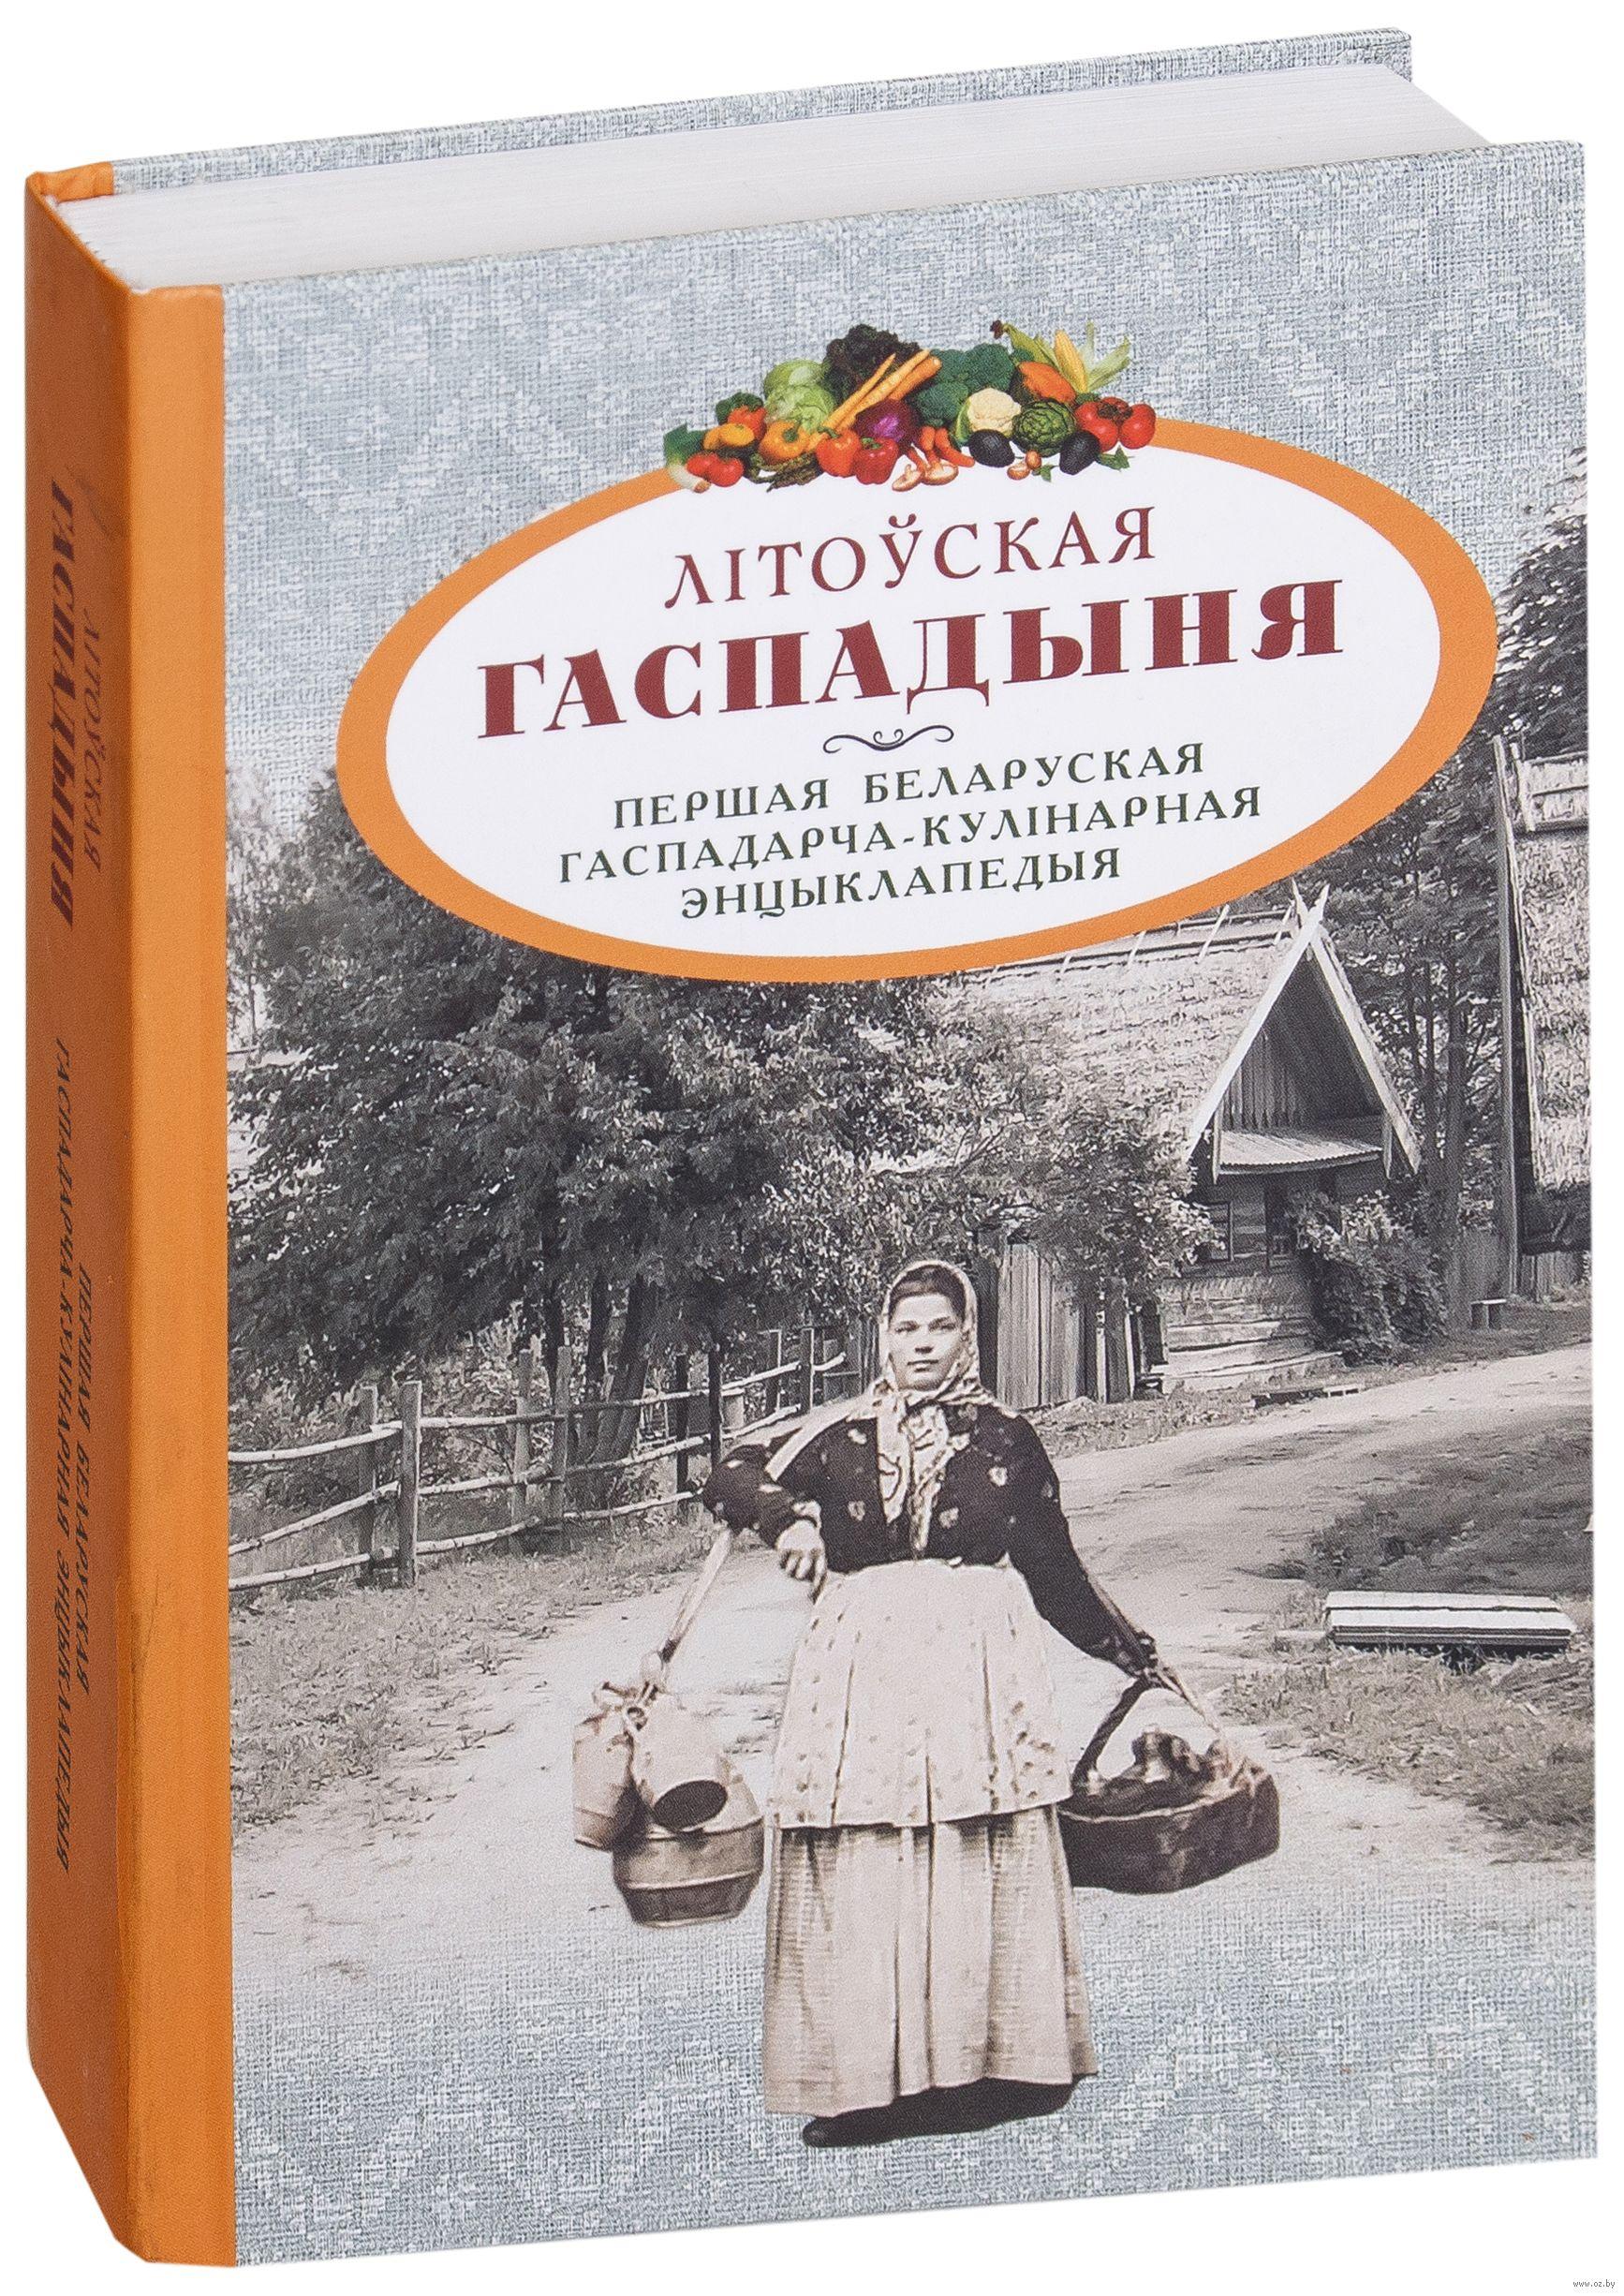 «Літоўская гаспадыня» набыць кнiгу у Мiнску — Кніжная крама OZ.by